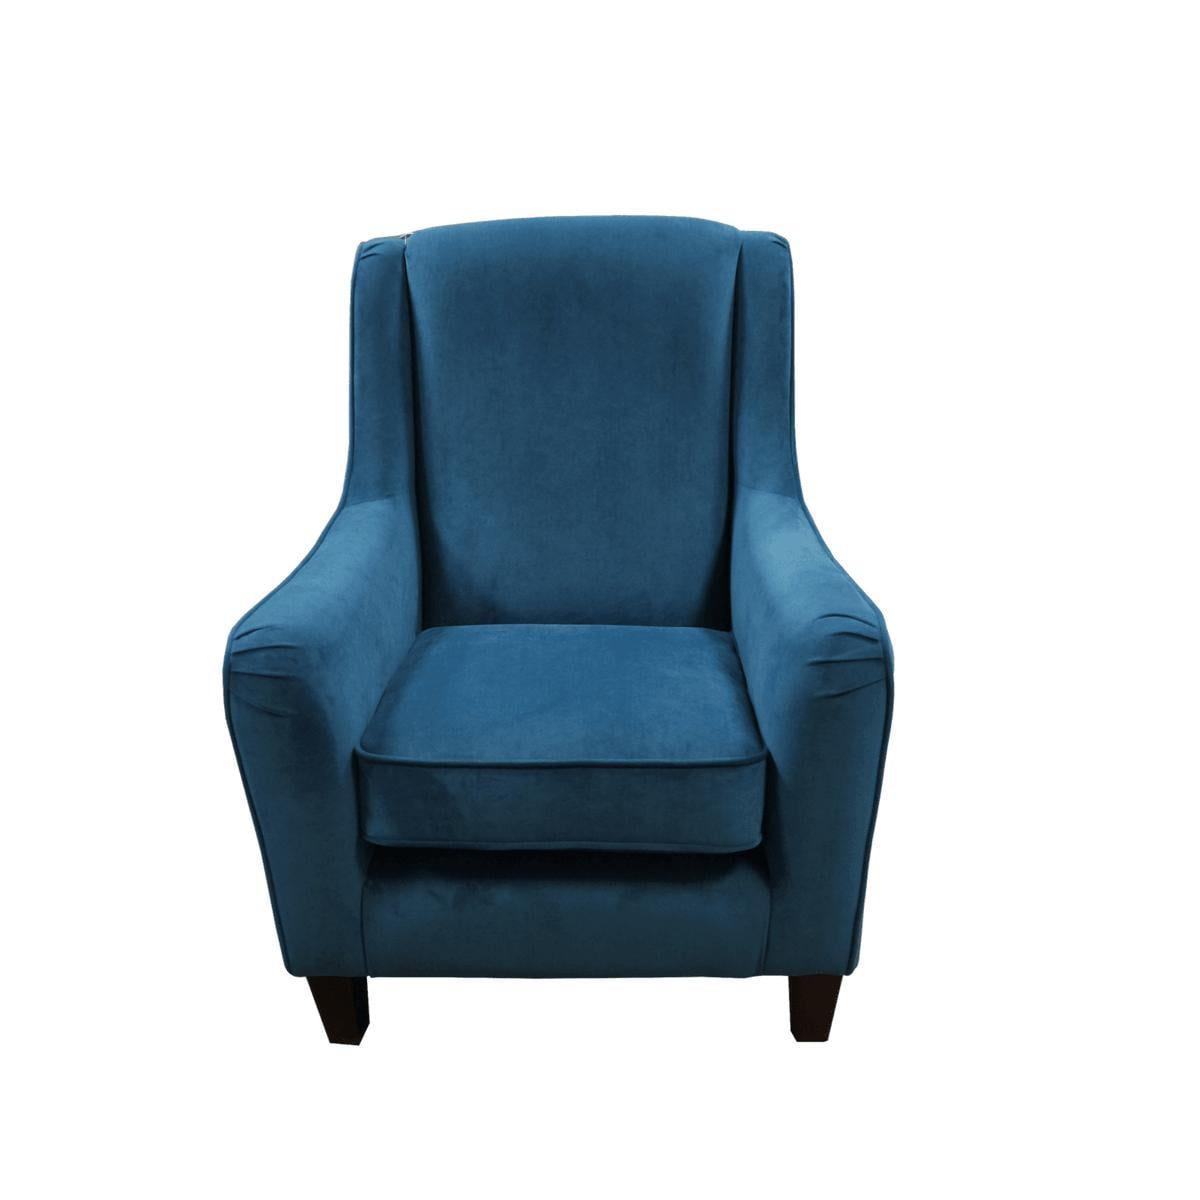 Tabita Chair